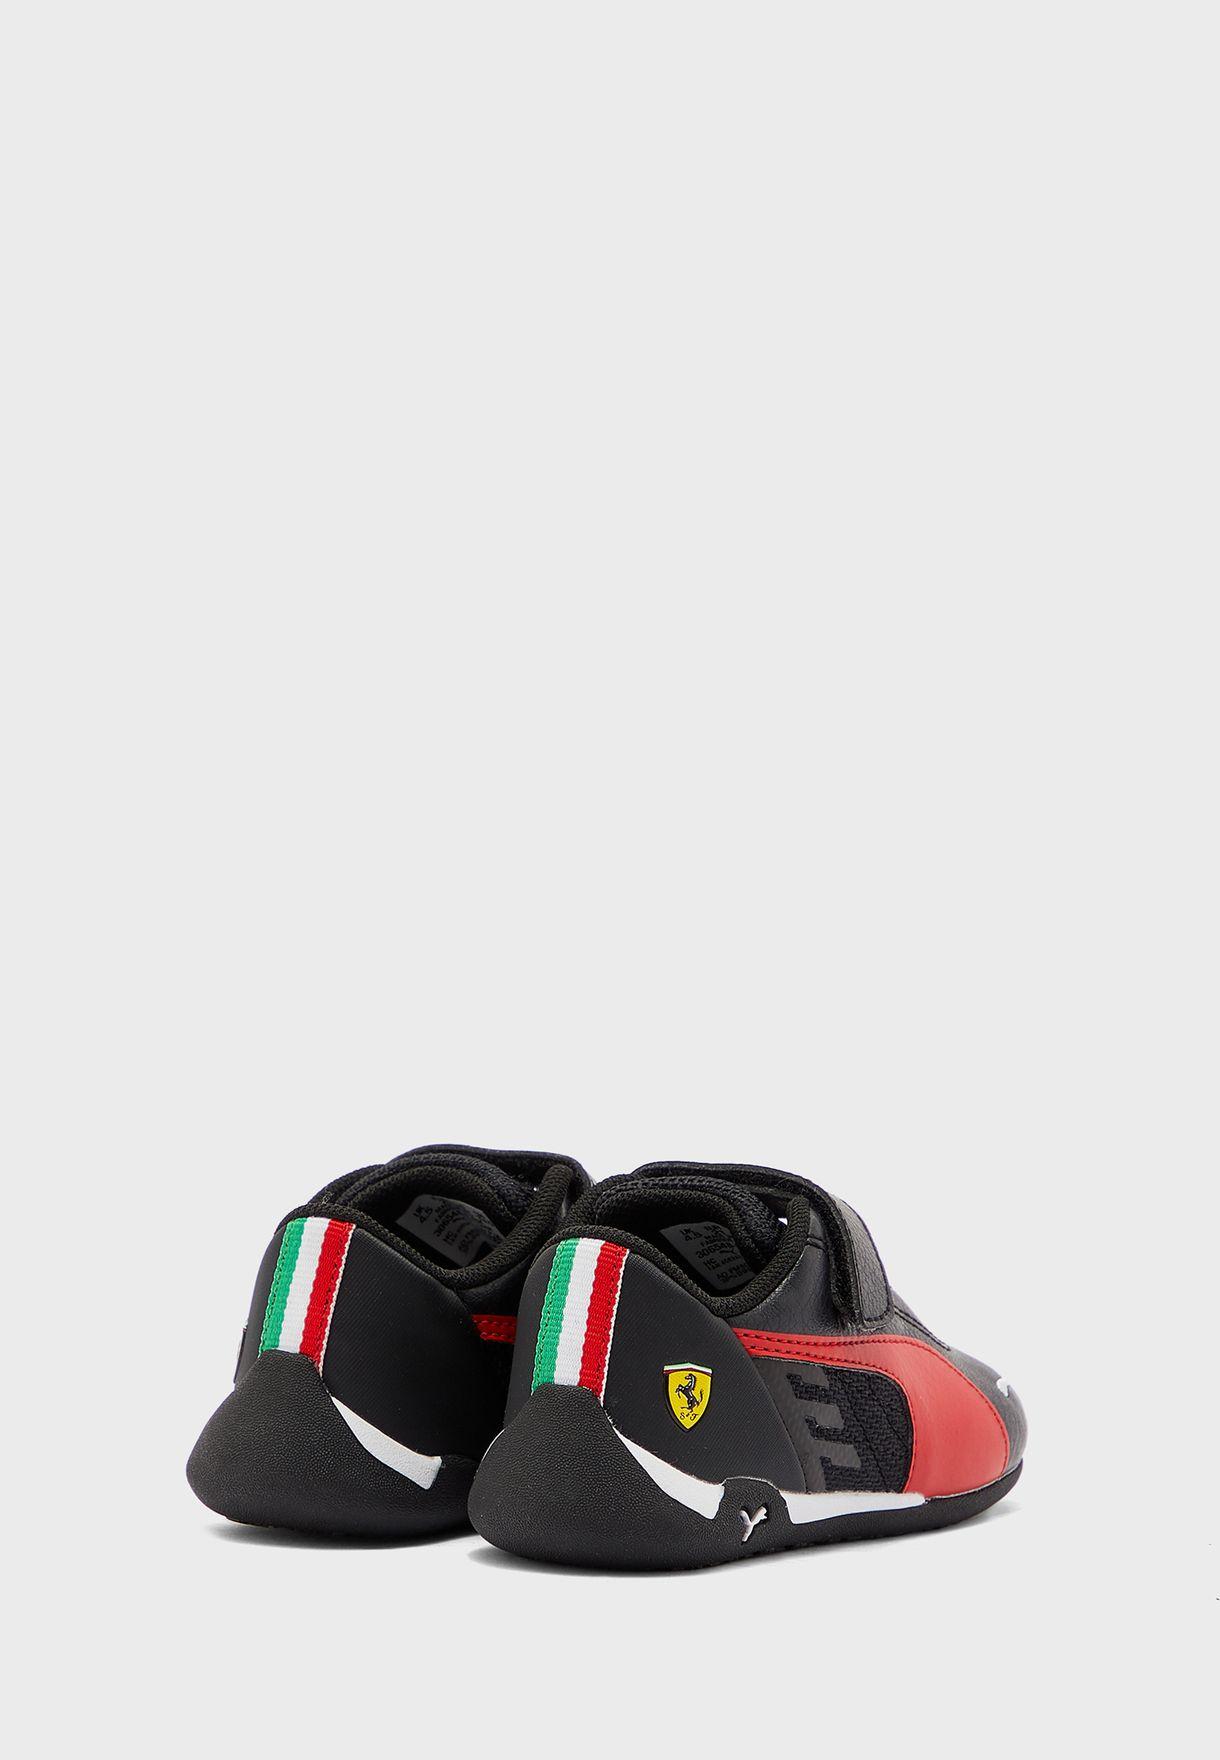 حذاء من مجموعة فيراري